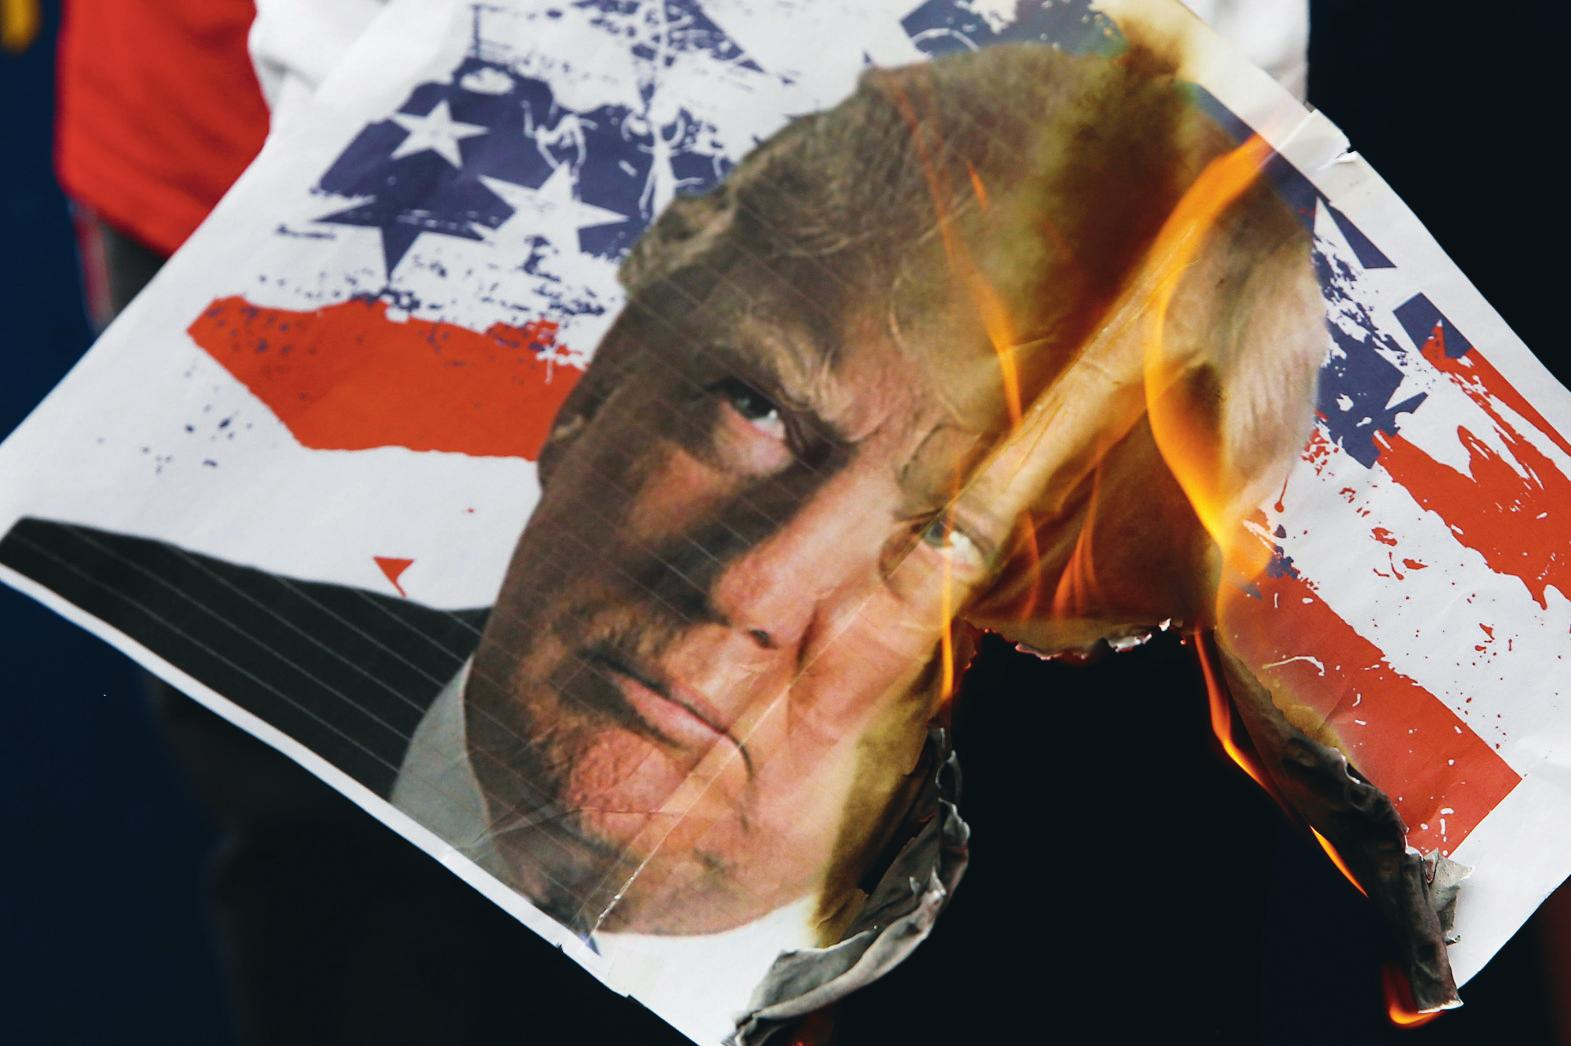 La violence du discours dit «de rupture», qui séduit de chaque côté de l'atlantique, sert la survie du capitalisme au détriment des plus démunis. Erik de Castro/REUTERS